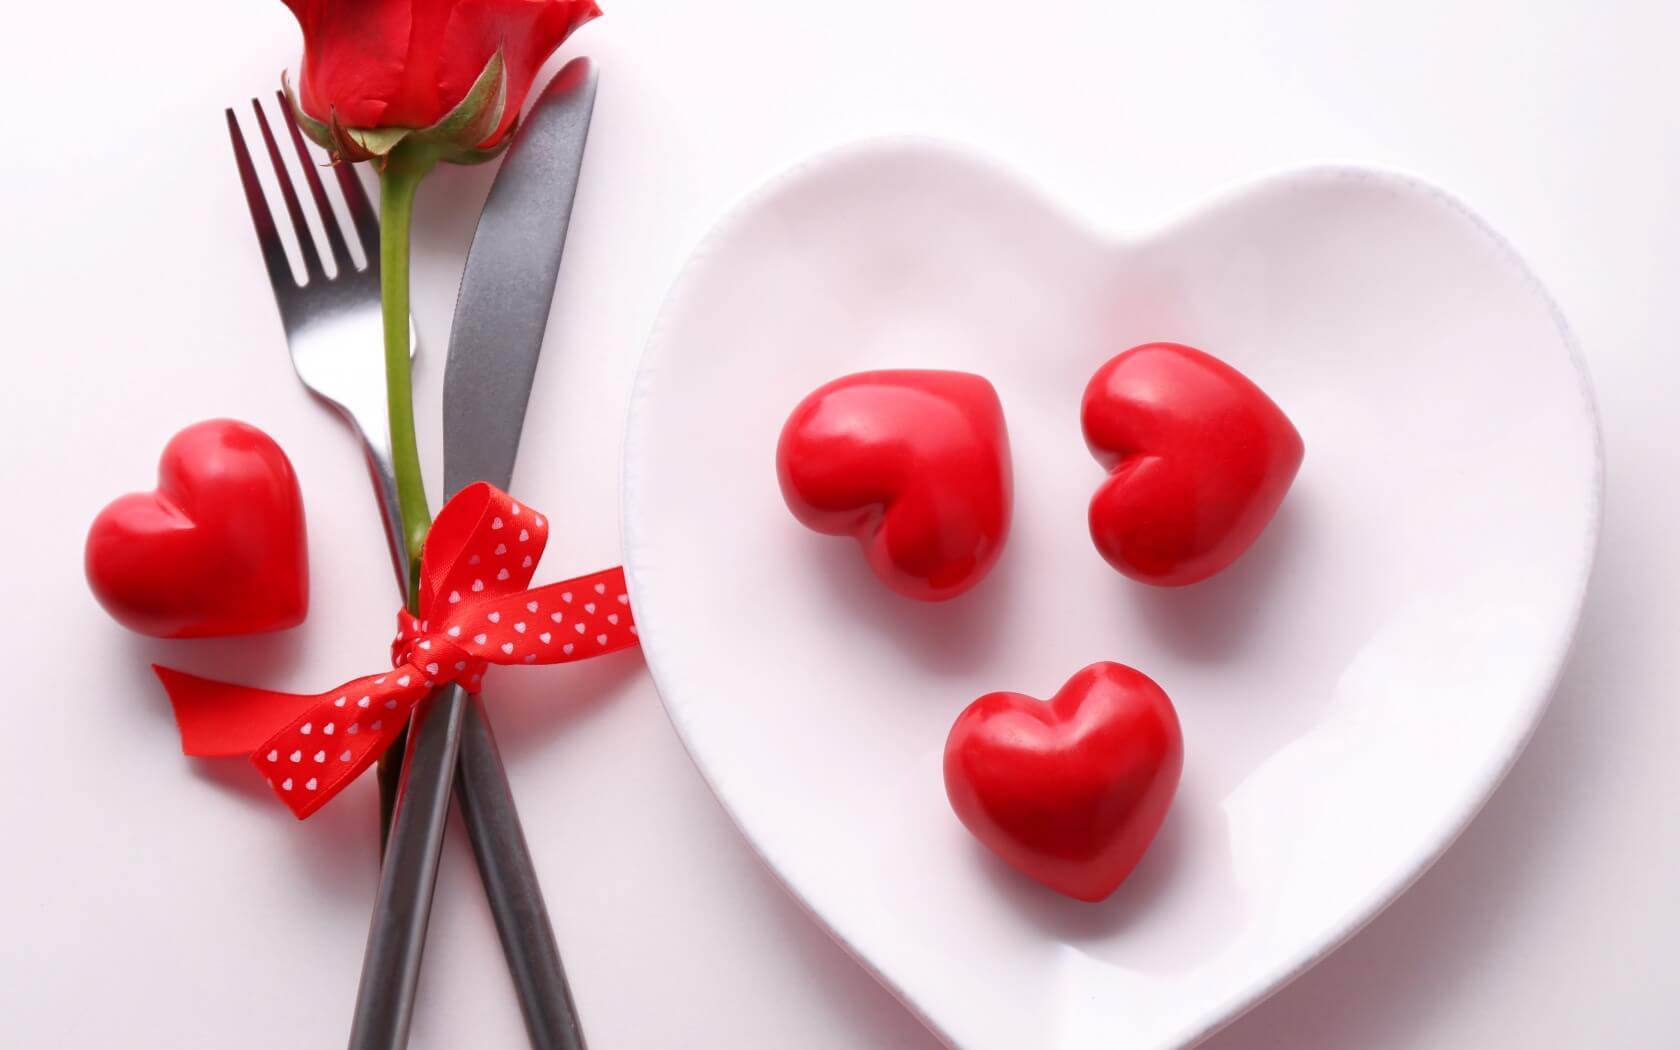 Милые и романтические картинки для любимой - скачать (20 фото) 16